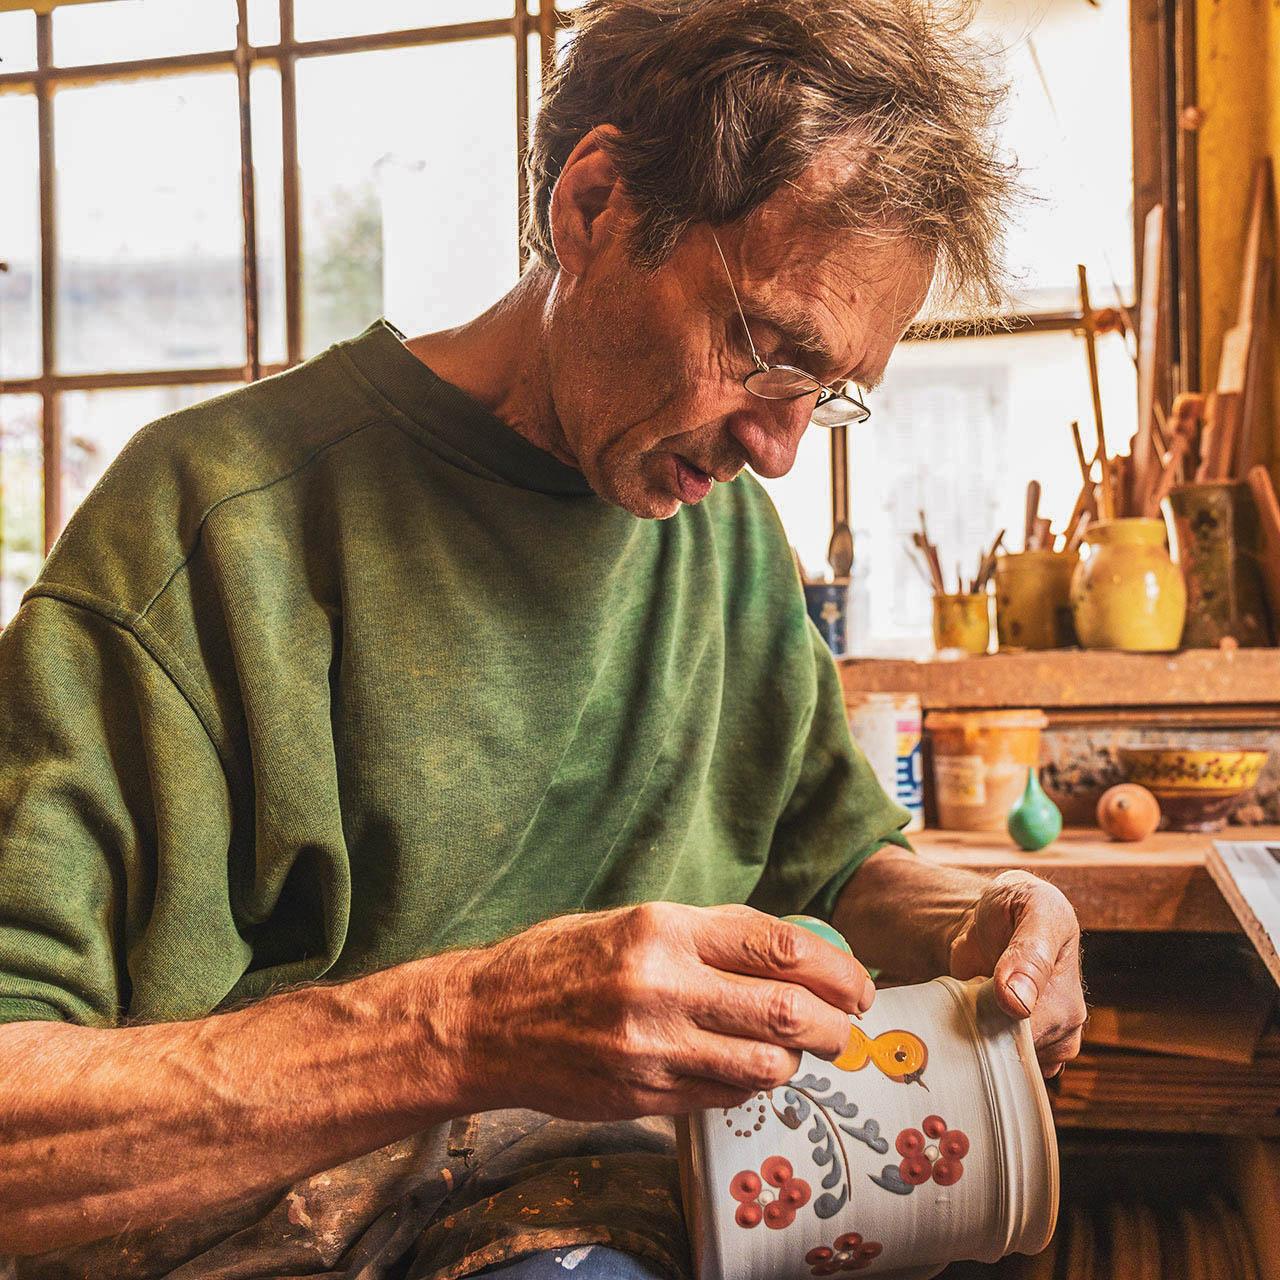 poterie-martin-1-c-cattin-alpcatmedias-le-grand-bornand-web-2-224012-224695